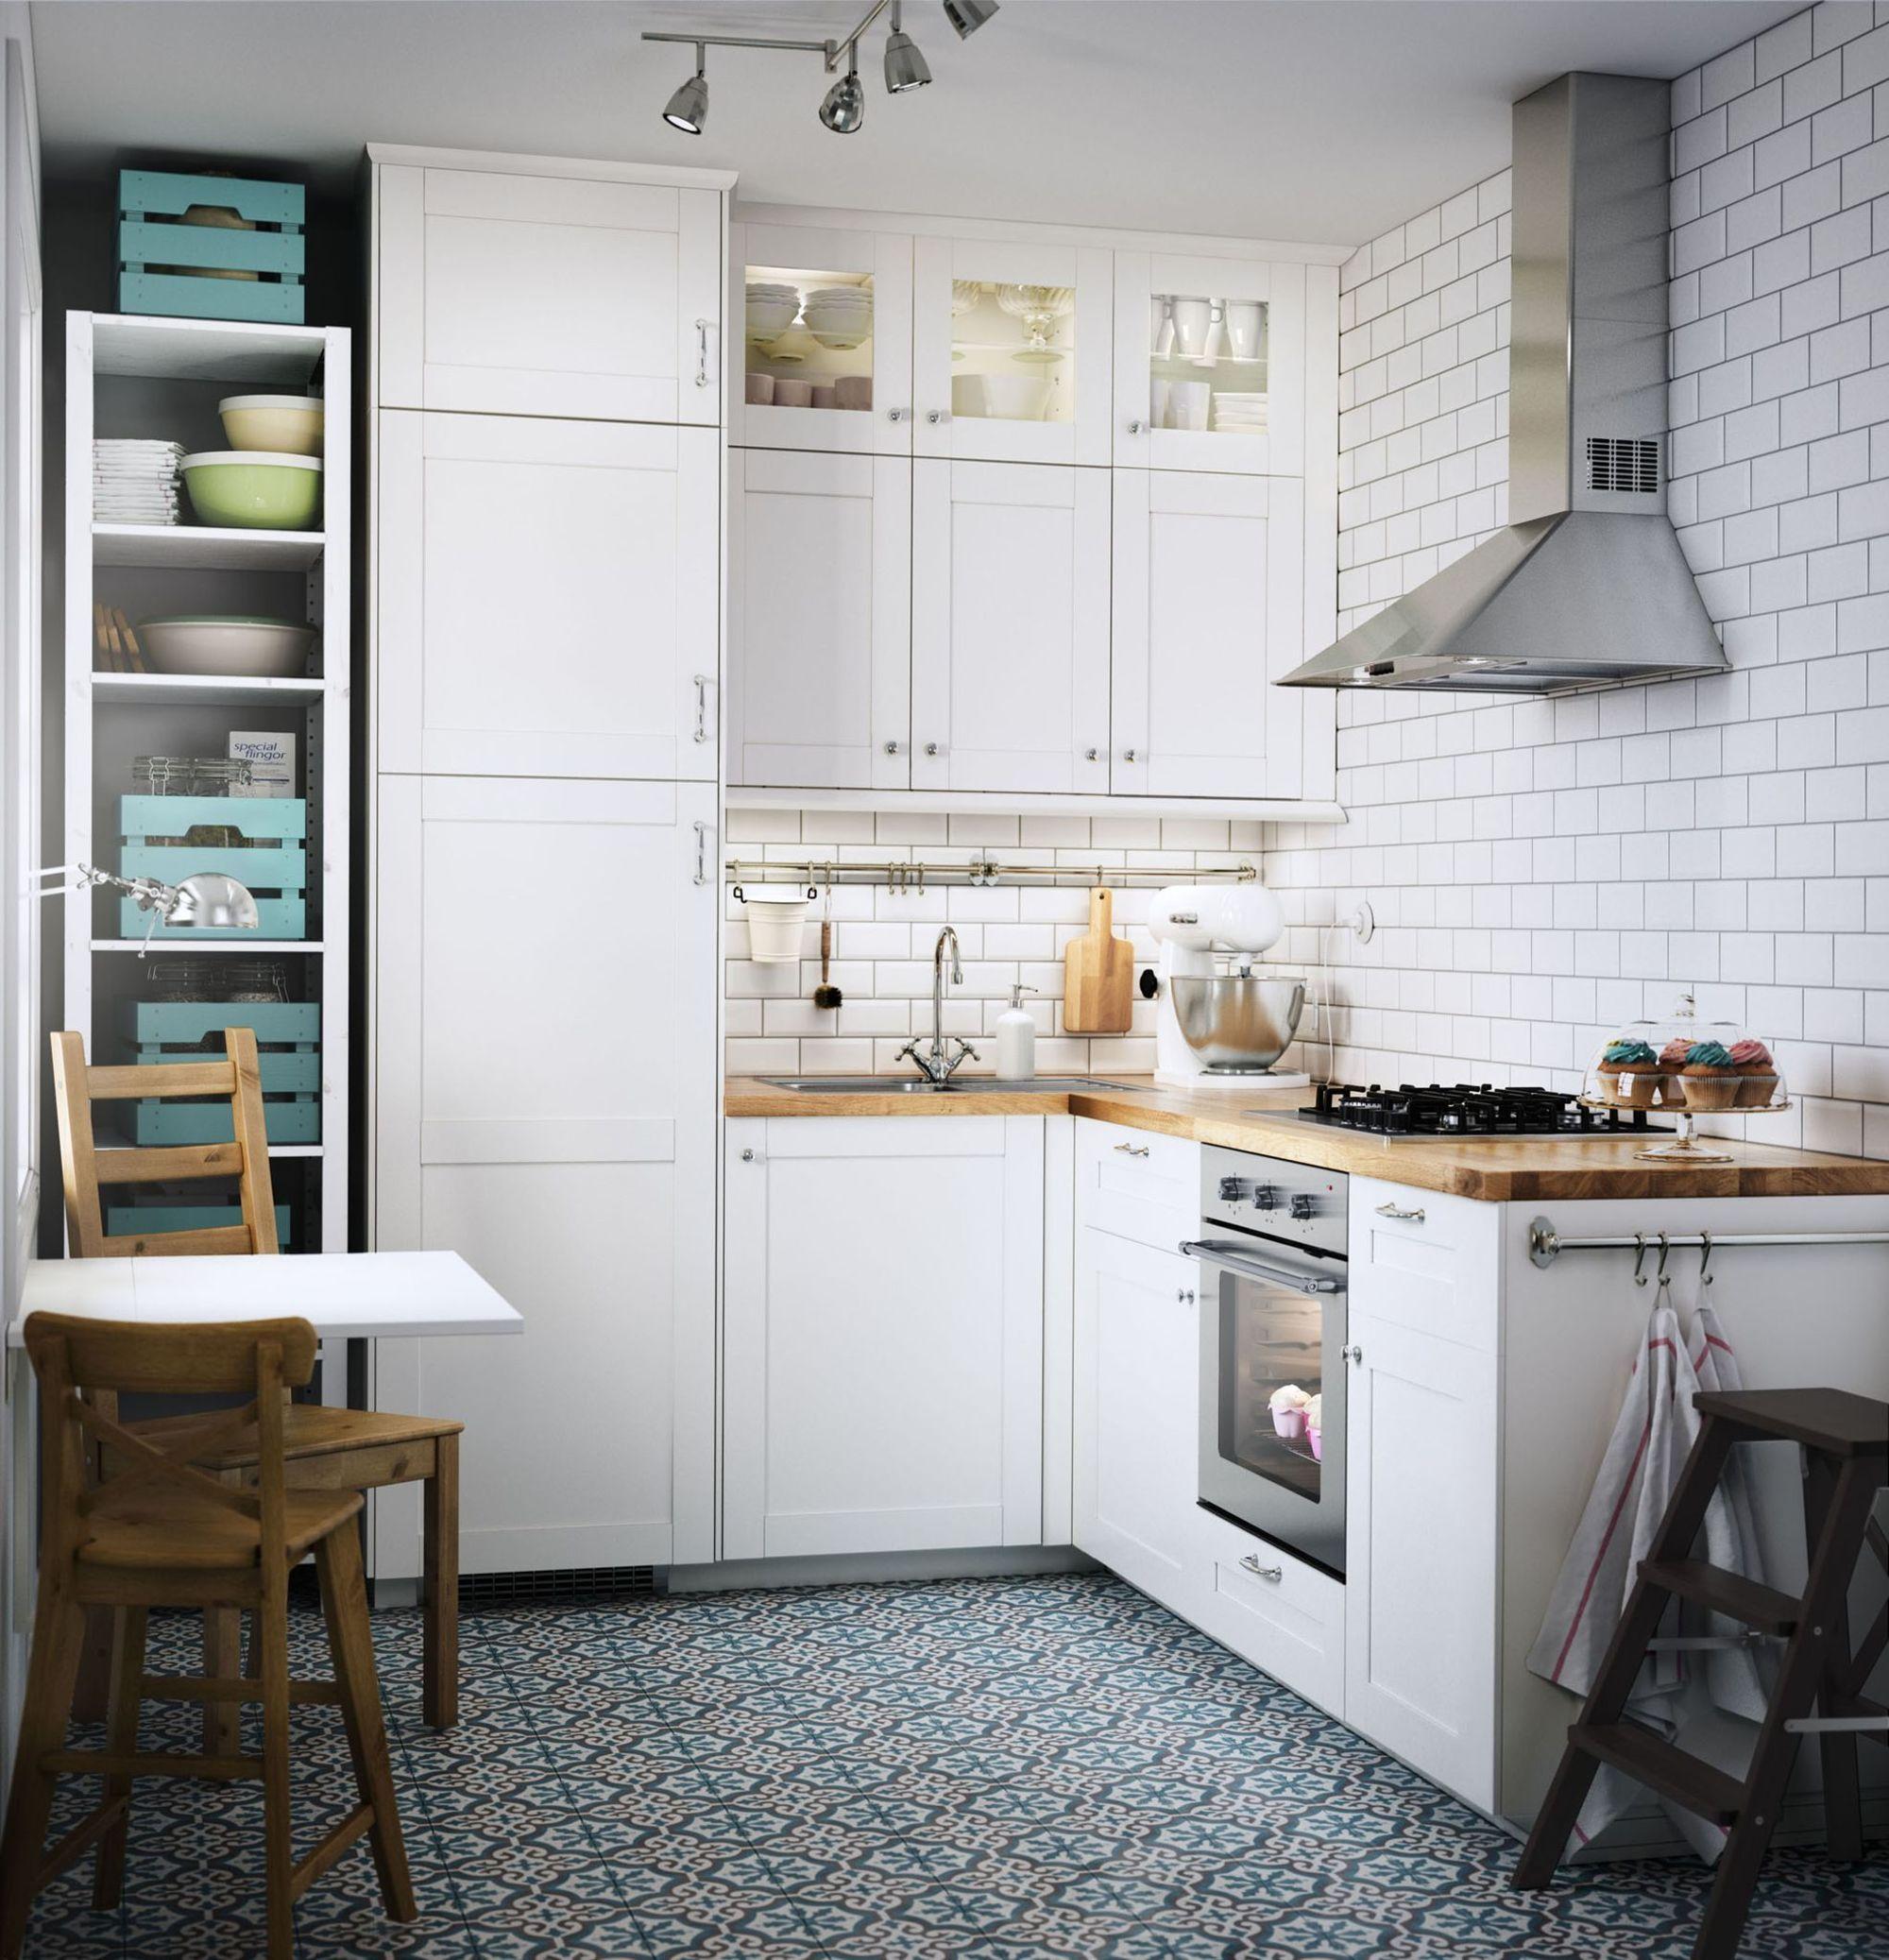 Cuisine Ikea Metod Les Nouveautes En Avant Premiere Cuisine Ikea Cuisines Retro Idee Decoration Cuisine